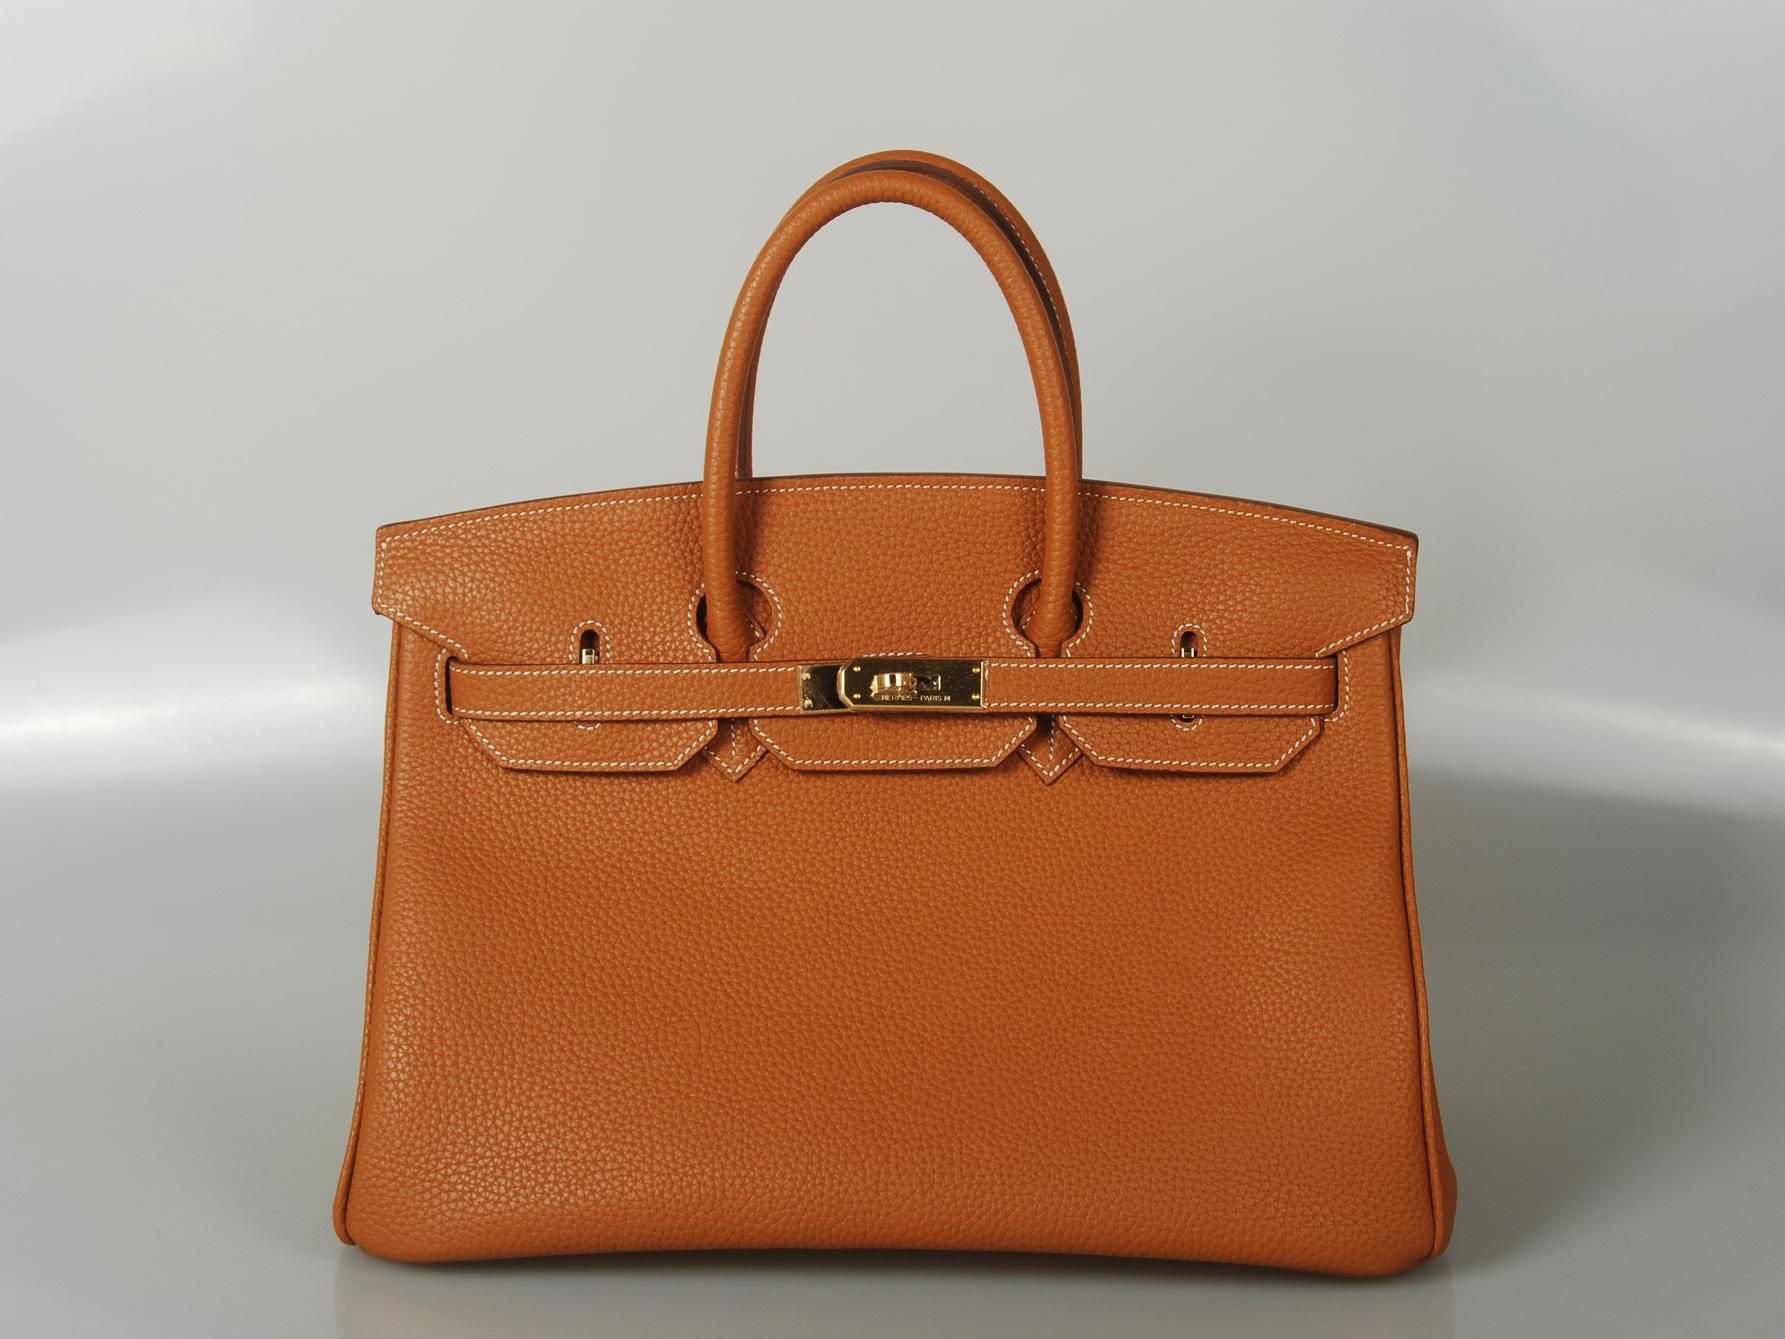 Så lyckas du köpa en Hermès Birkin väska | Baaam.se